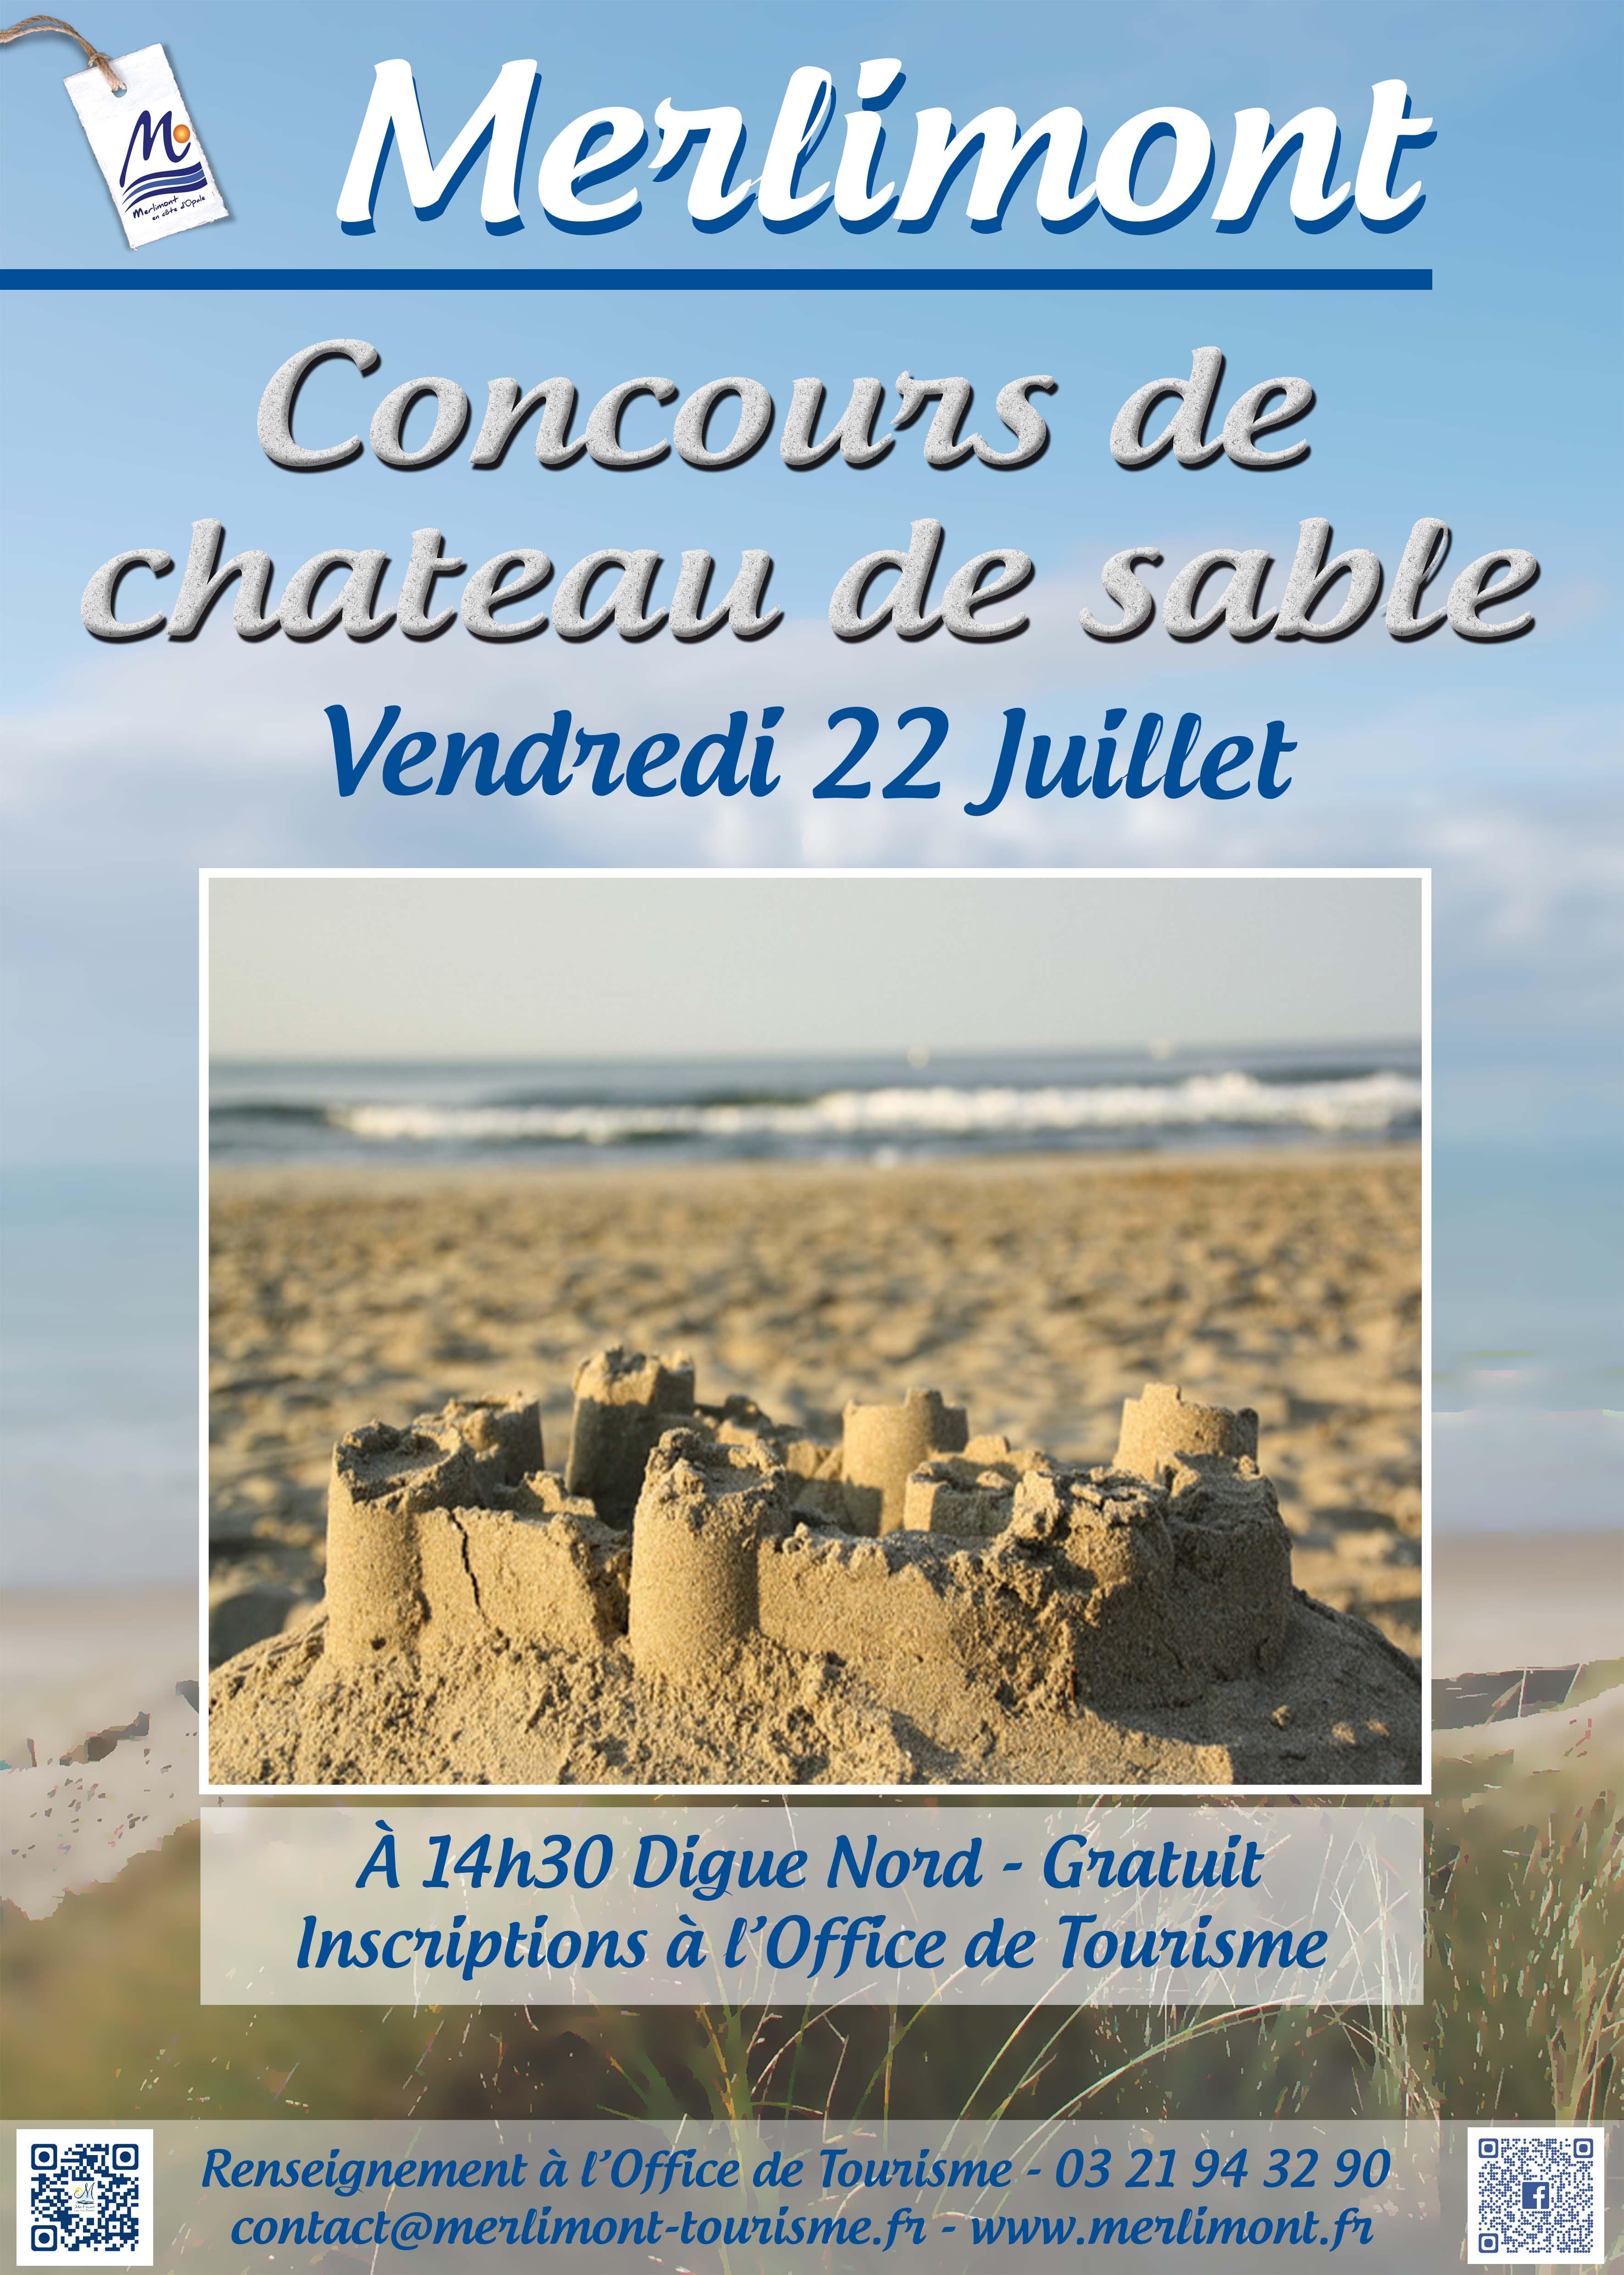 Concours de ch teau de sable merlimont - Office tourisme merlimont ...